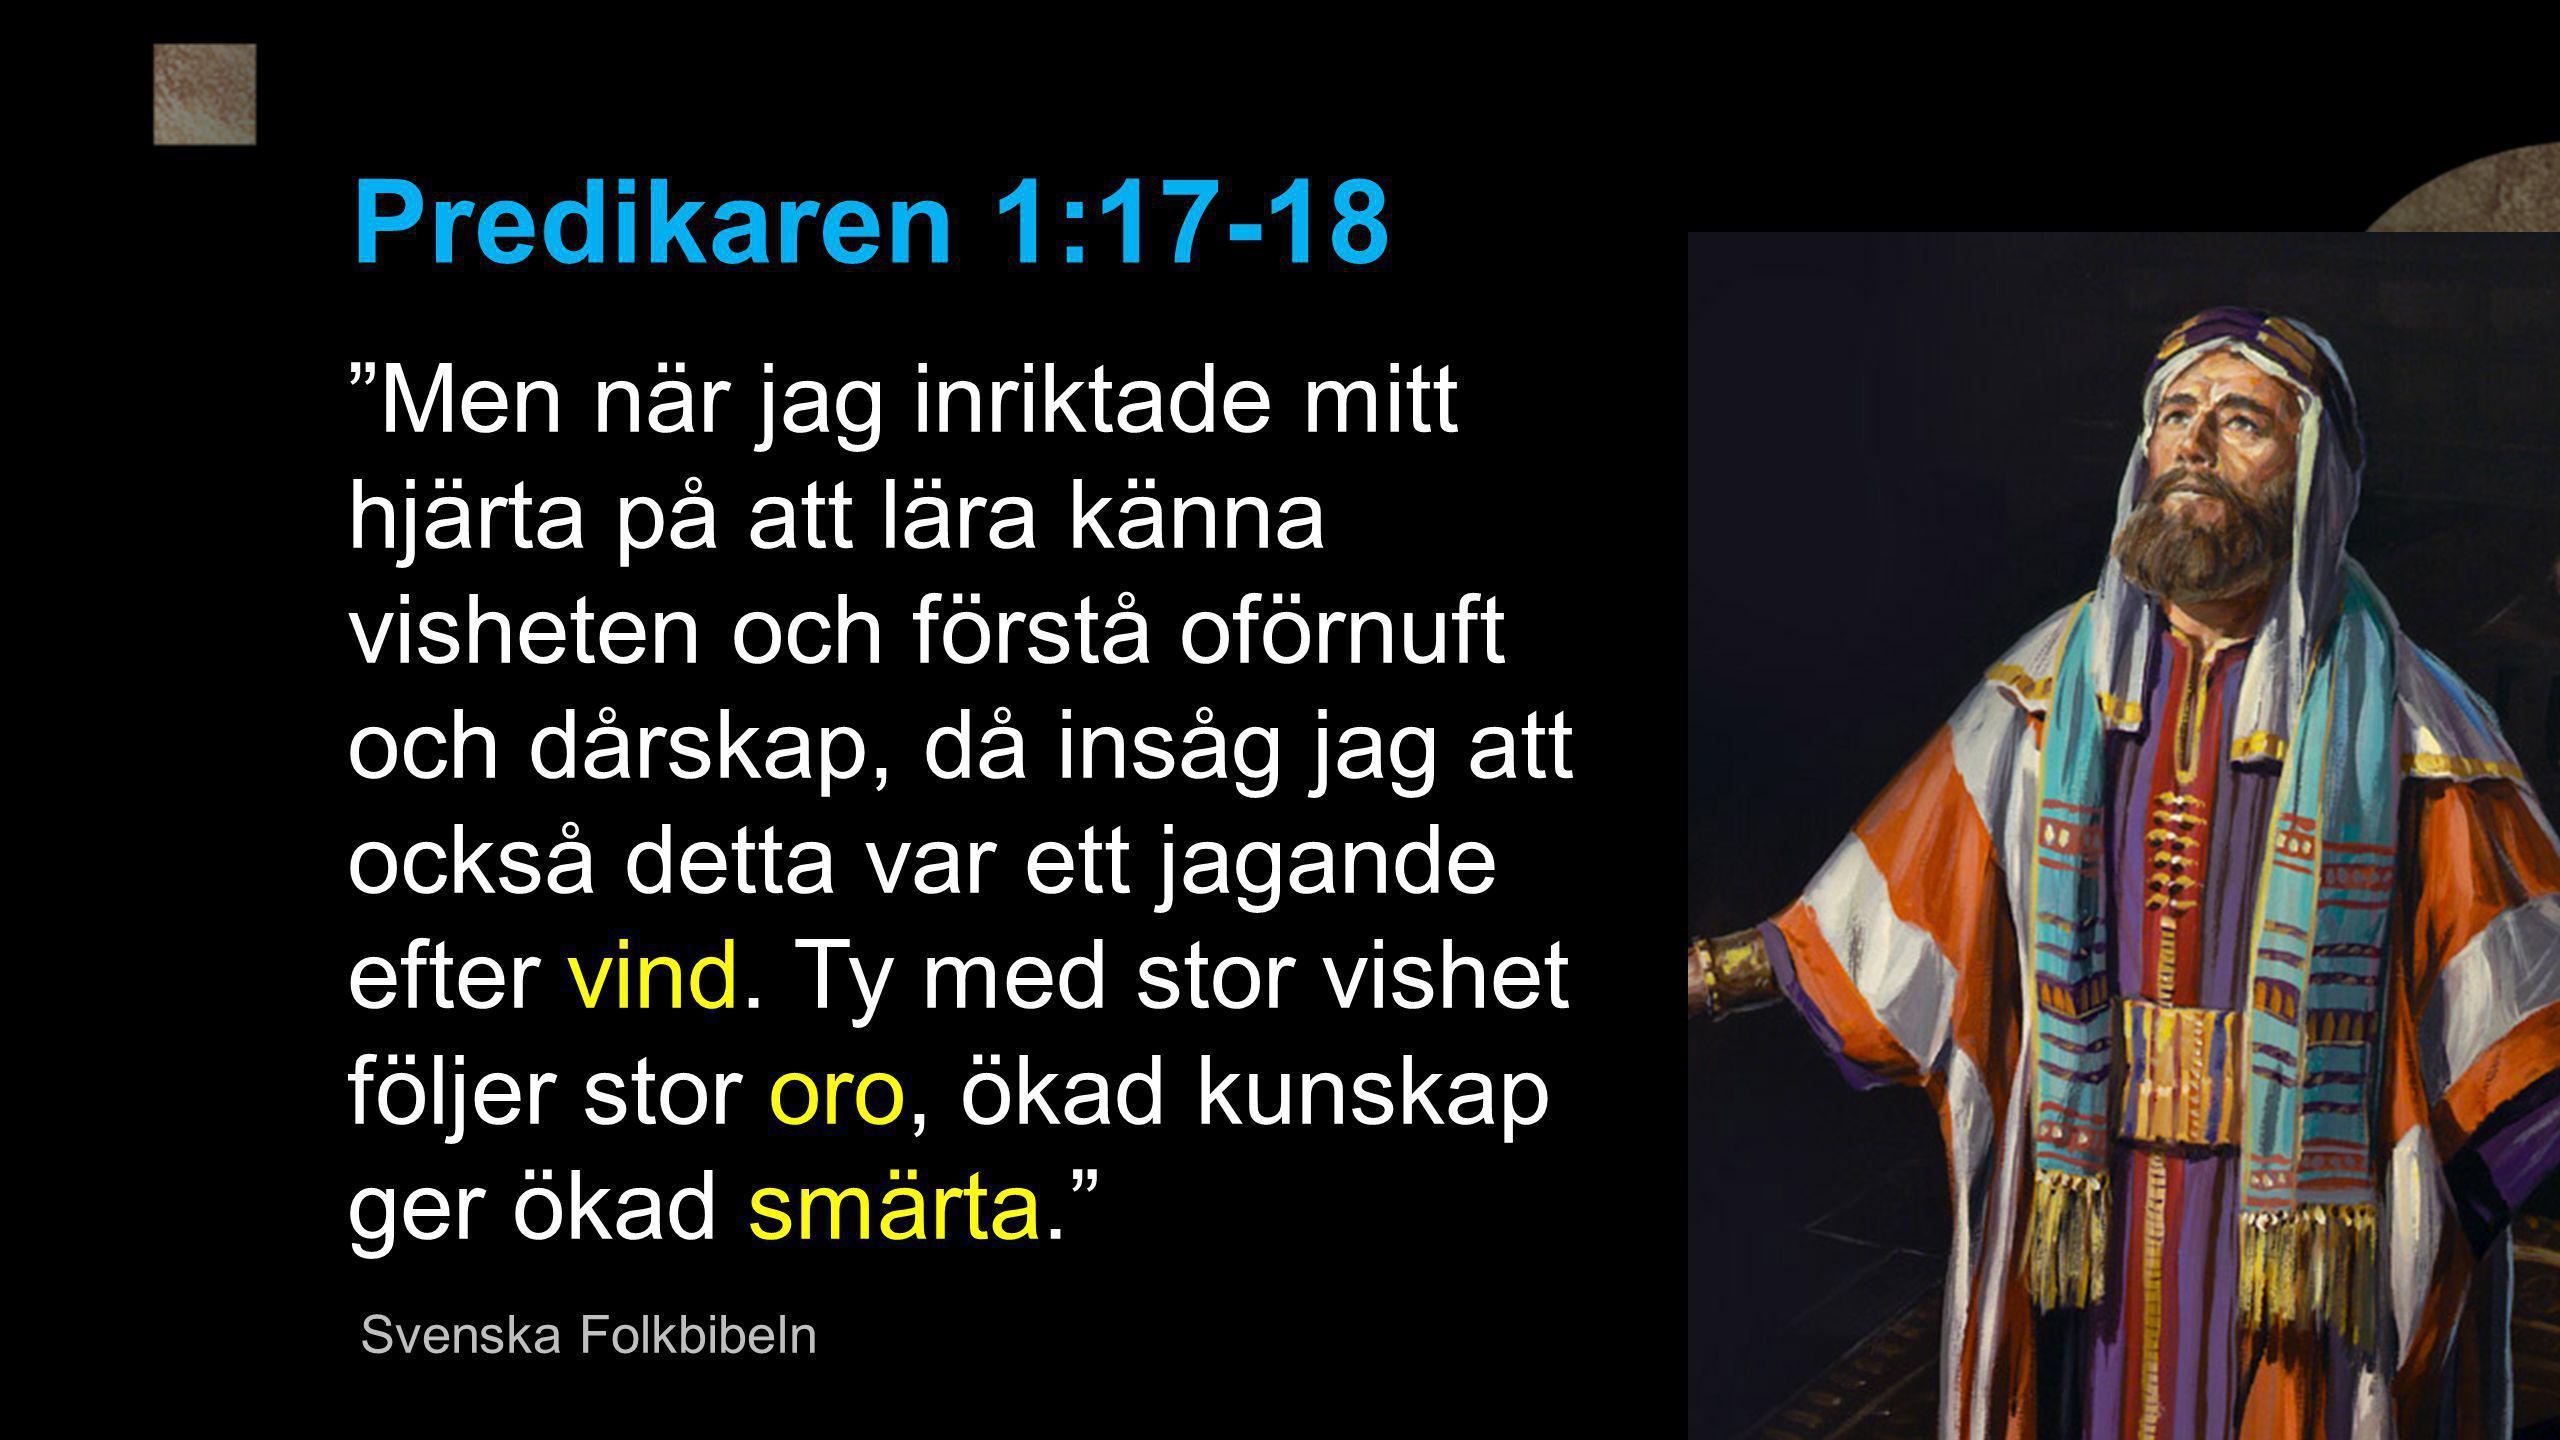 Predikaren 1:17-18